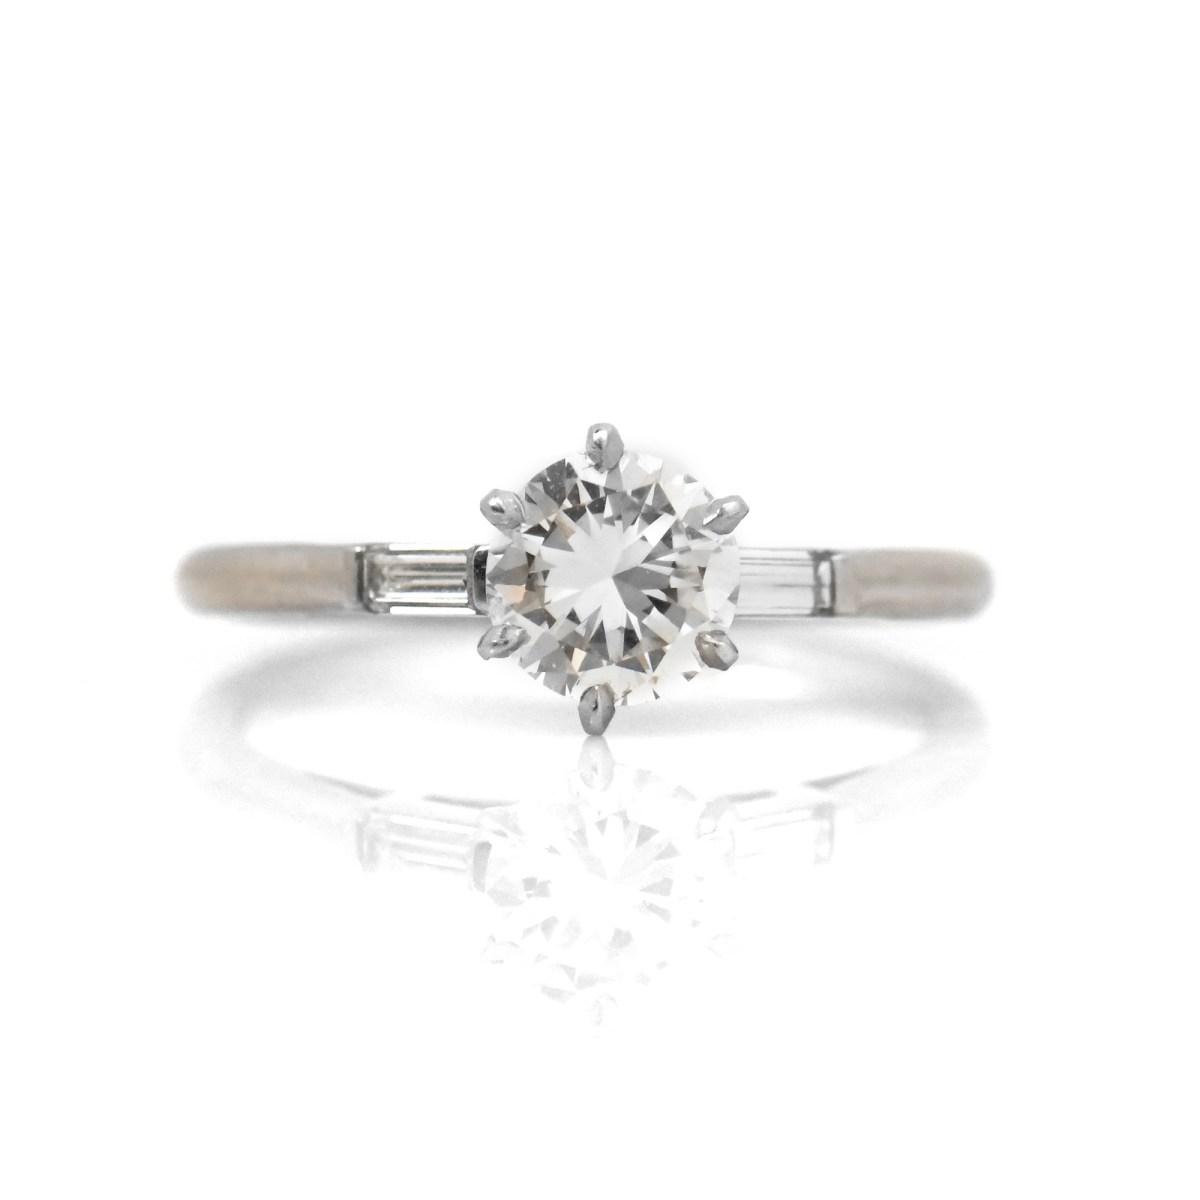 Bague Diamant Solitaire et Baguettes | Référence : B18495 | EVENOR Joaillerie • Bijoux Vintage et Bijoux d'occasion